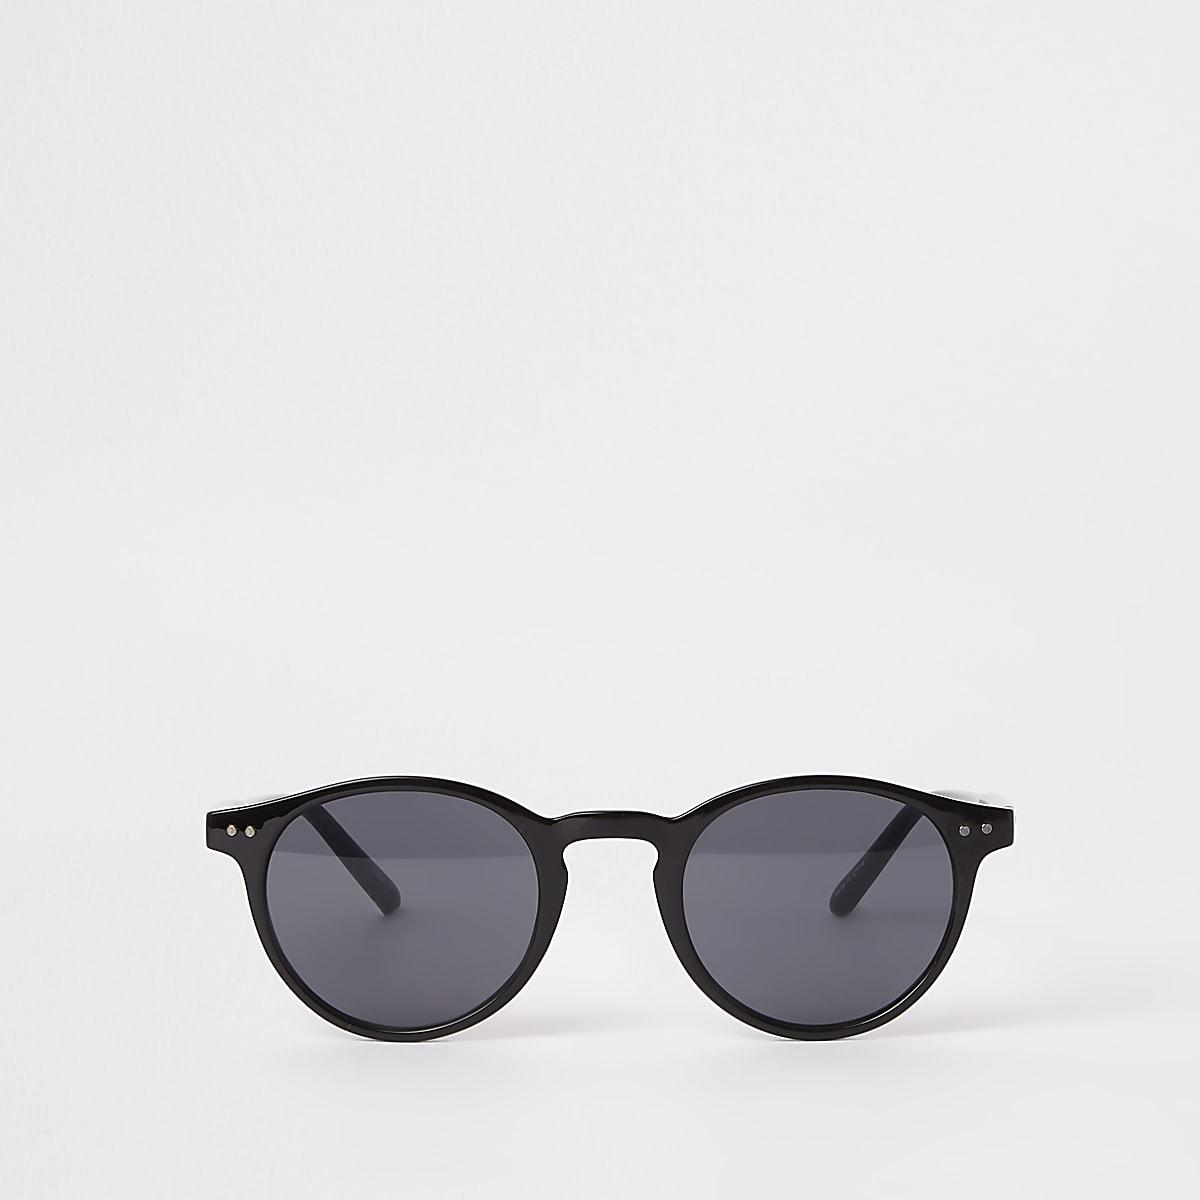 Selected Homme – Lunettes de soleil rondes noires style preppy